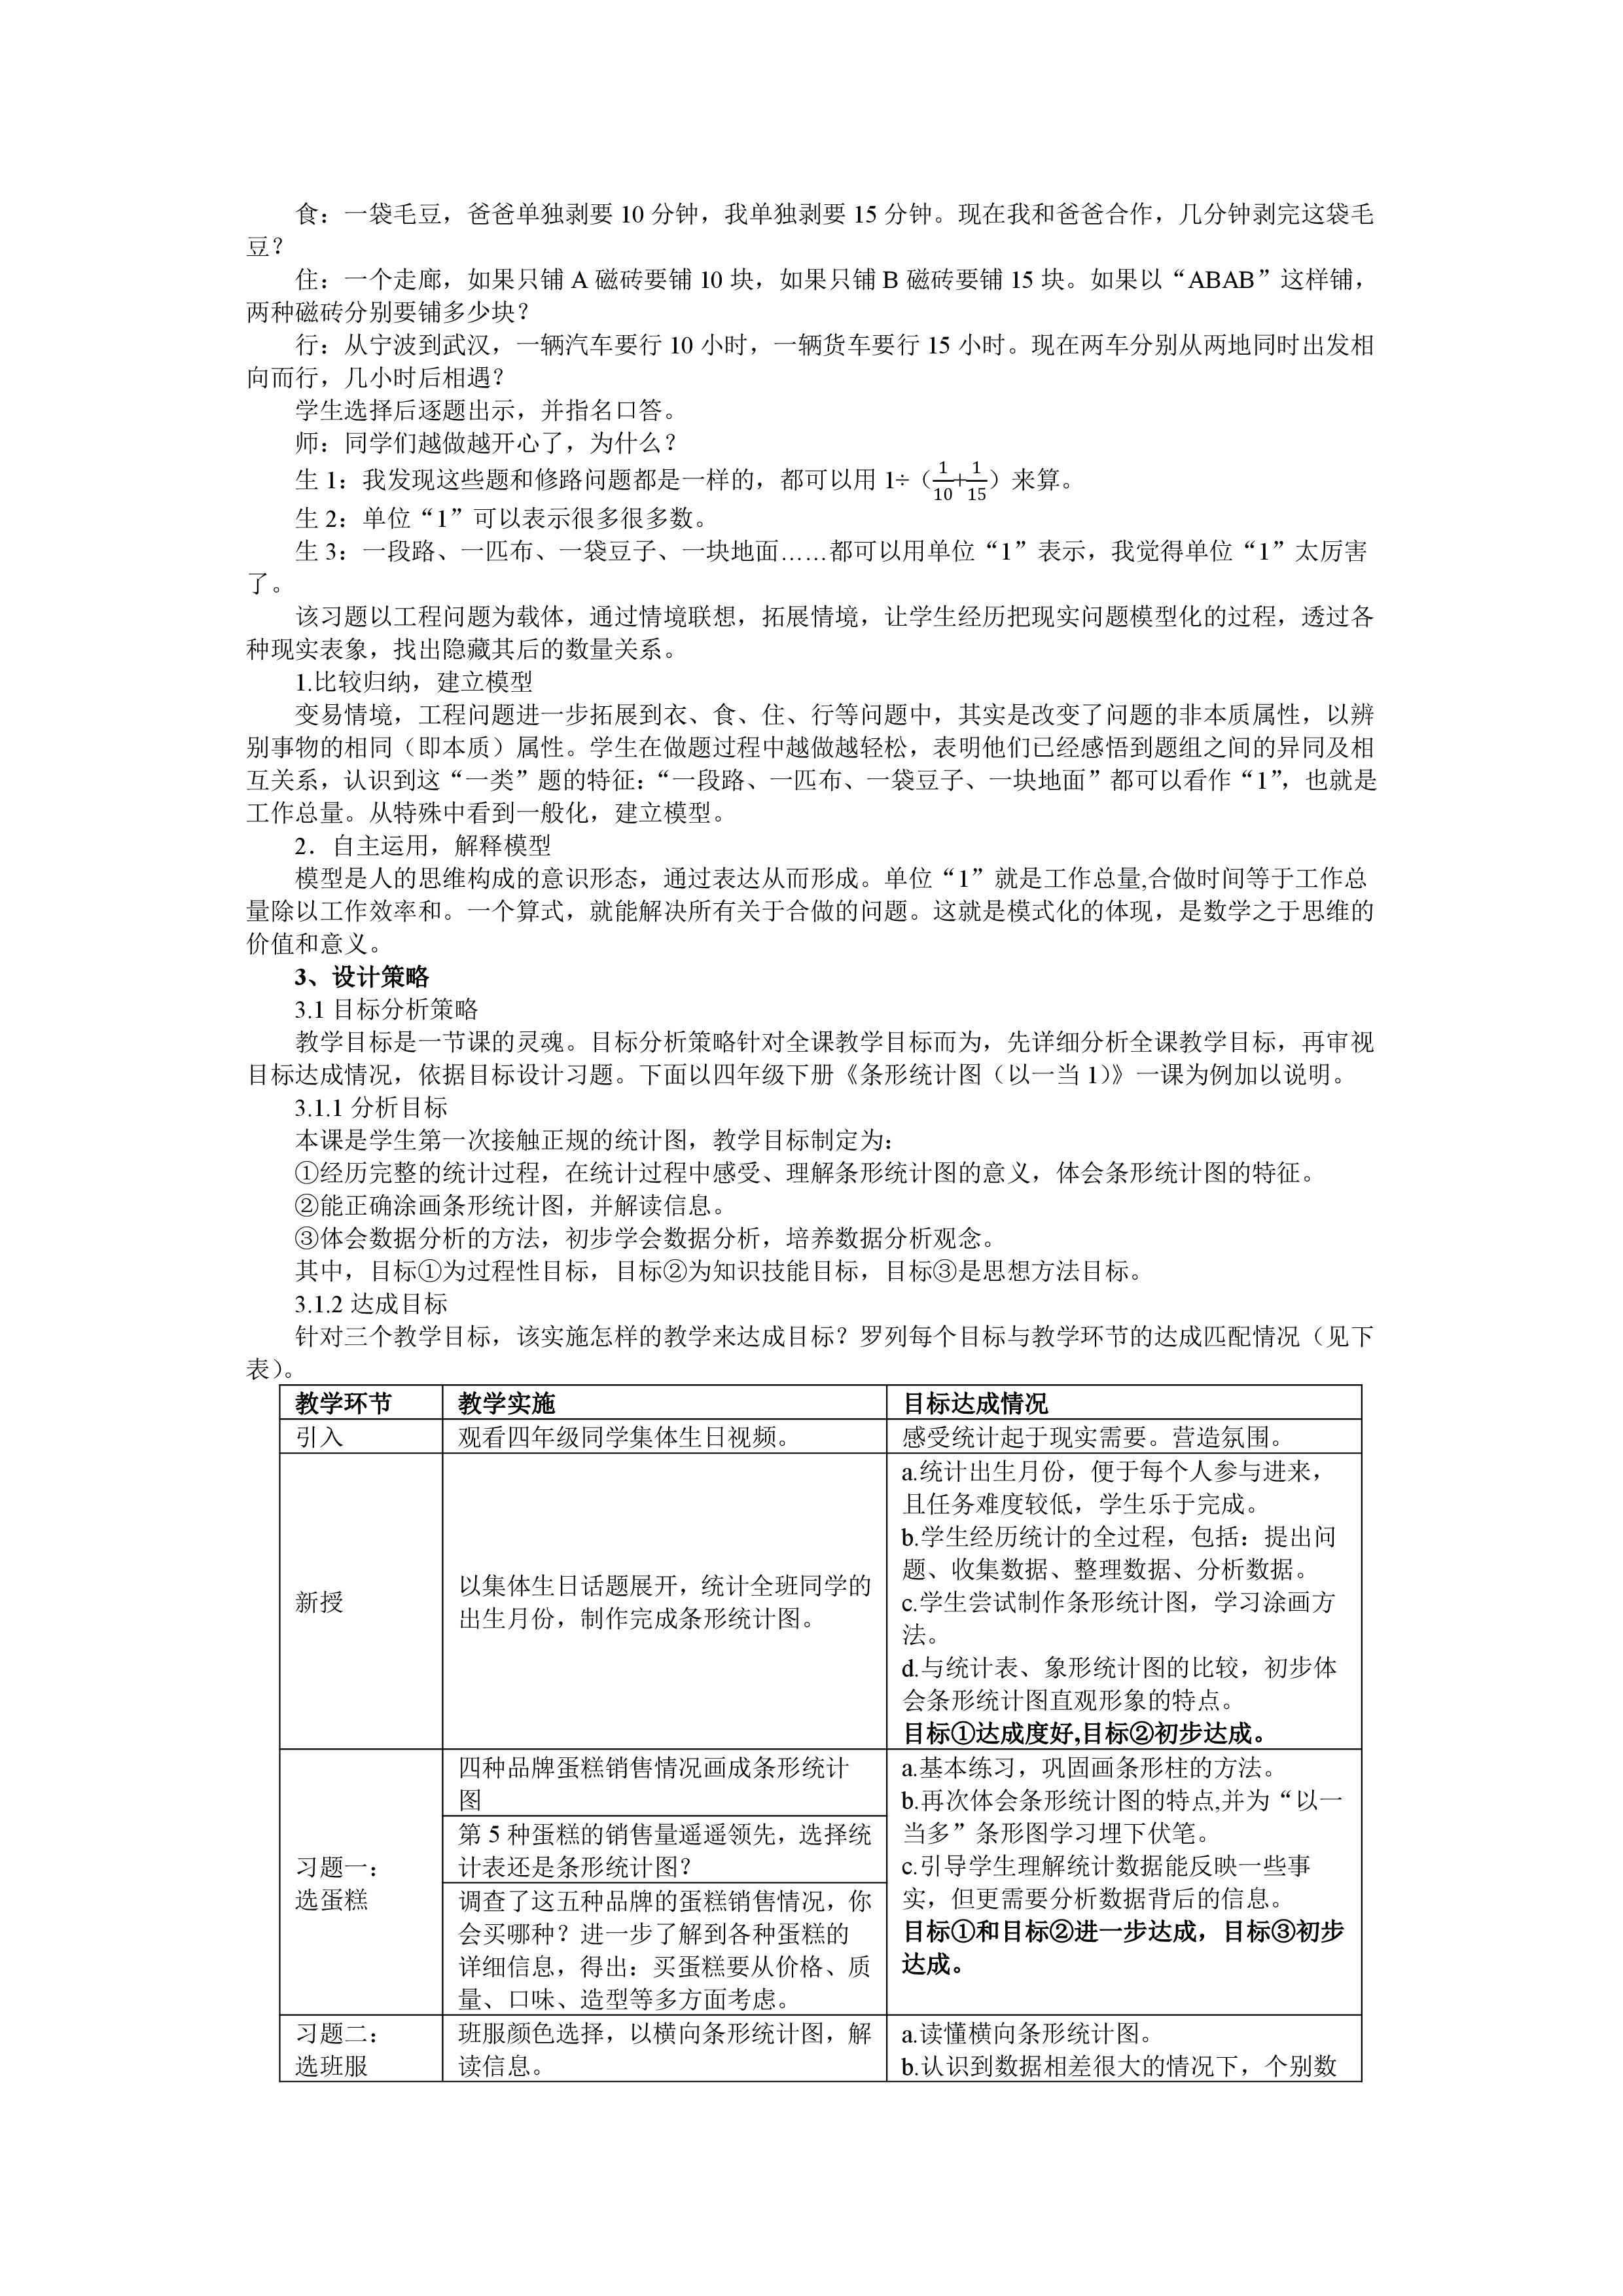 https://z3.ax1x.com/2021/07/26/WRTfYt.jpg